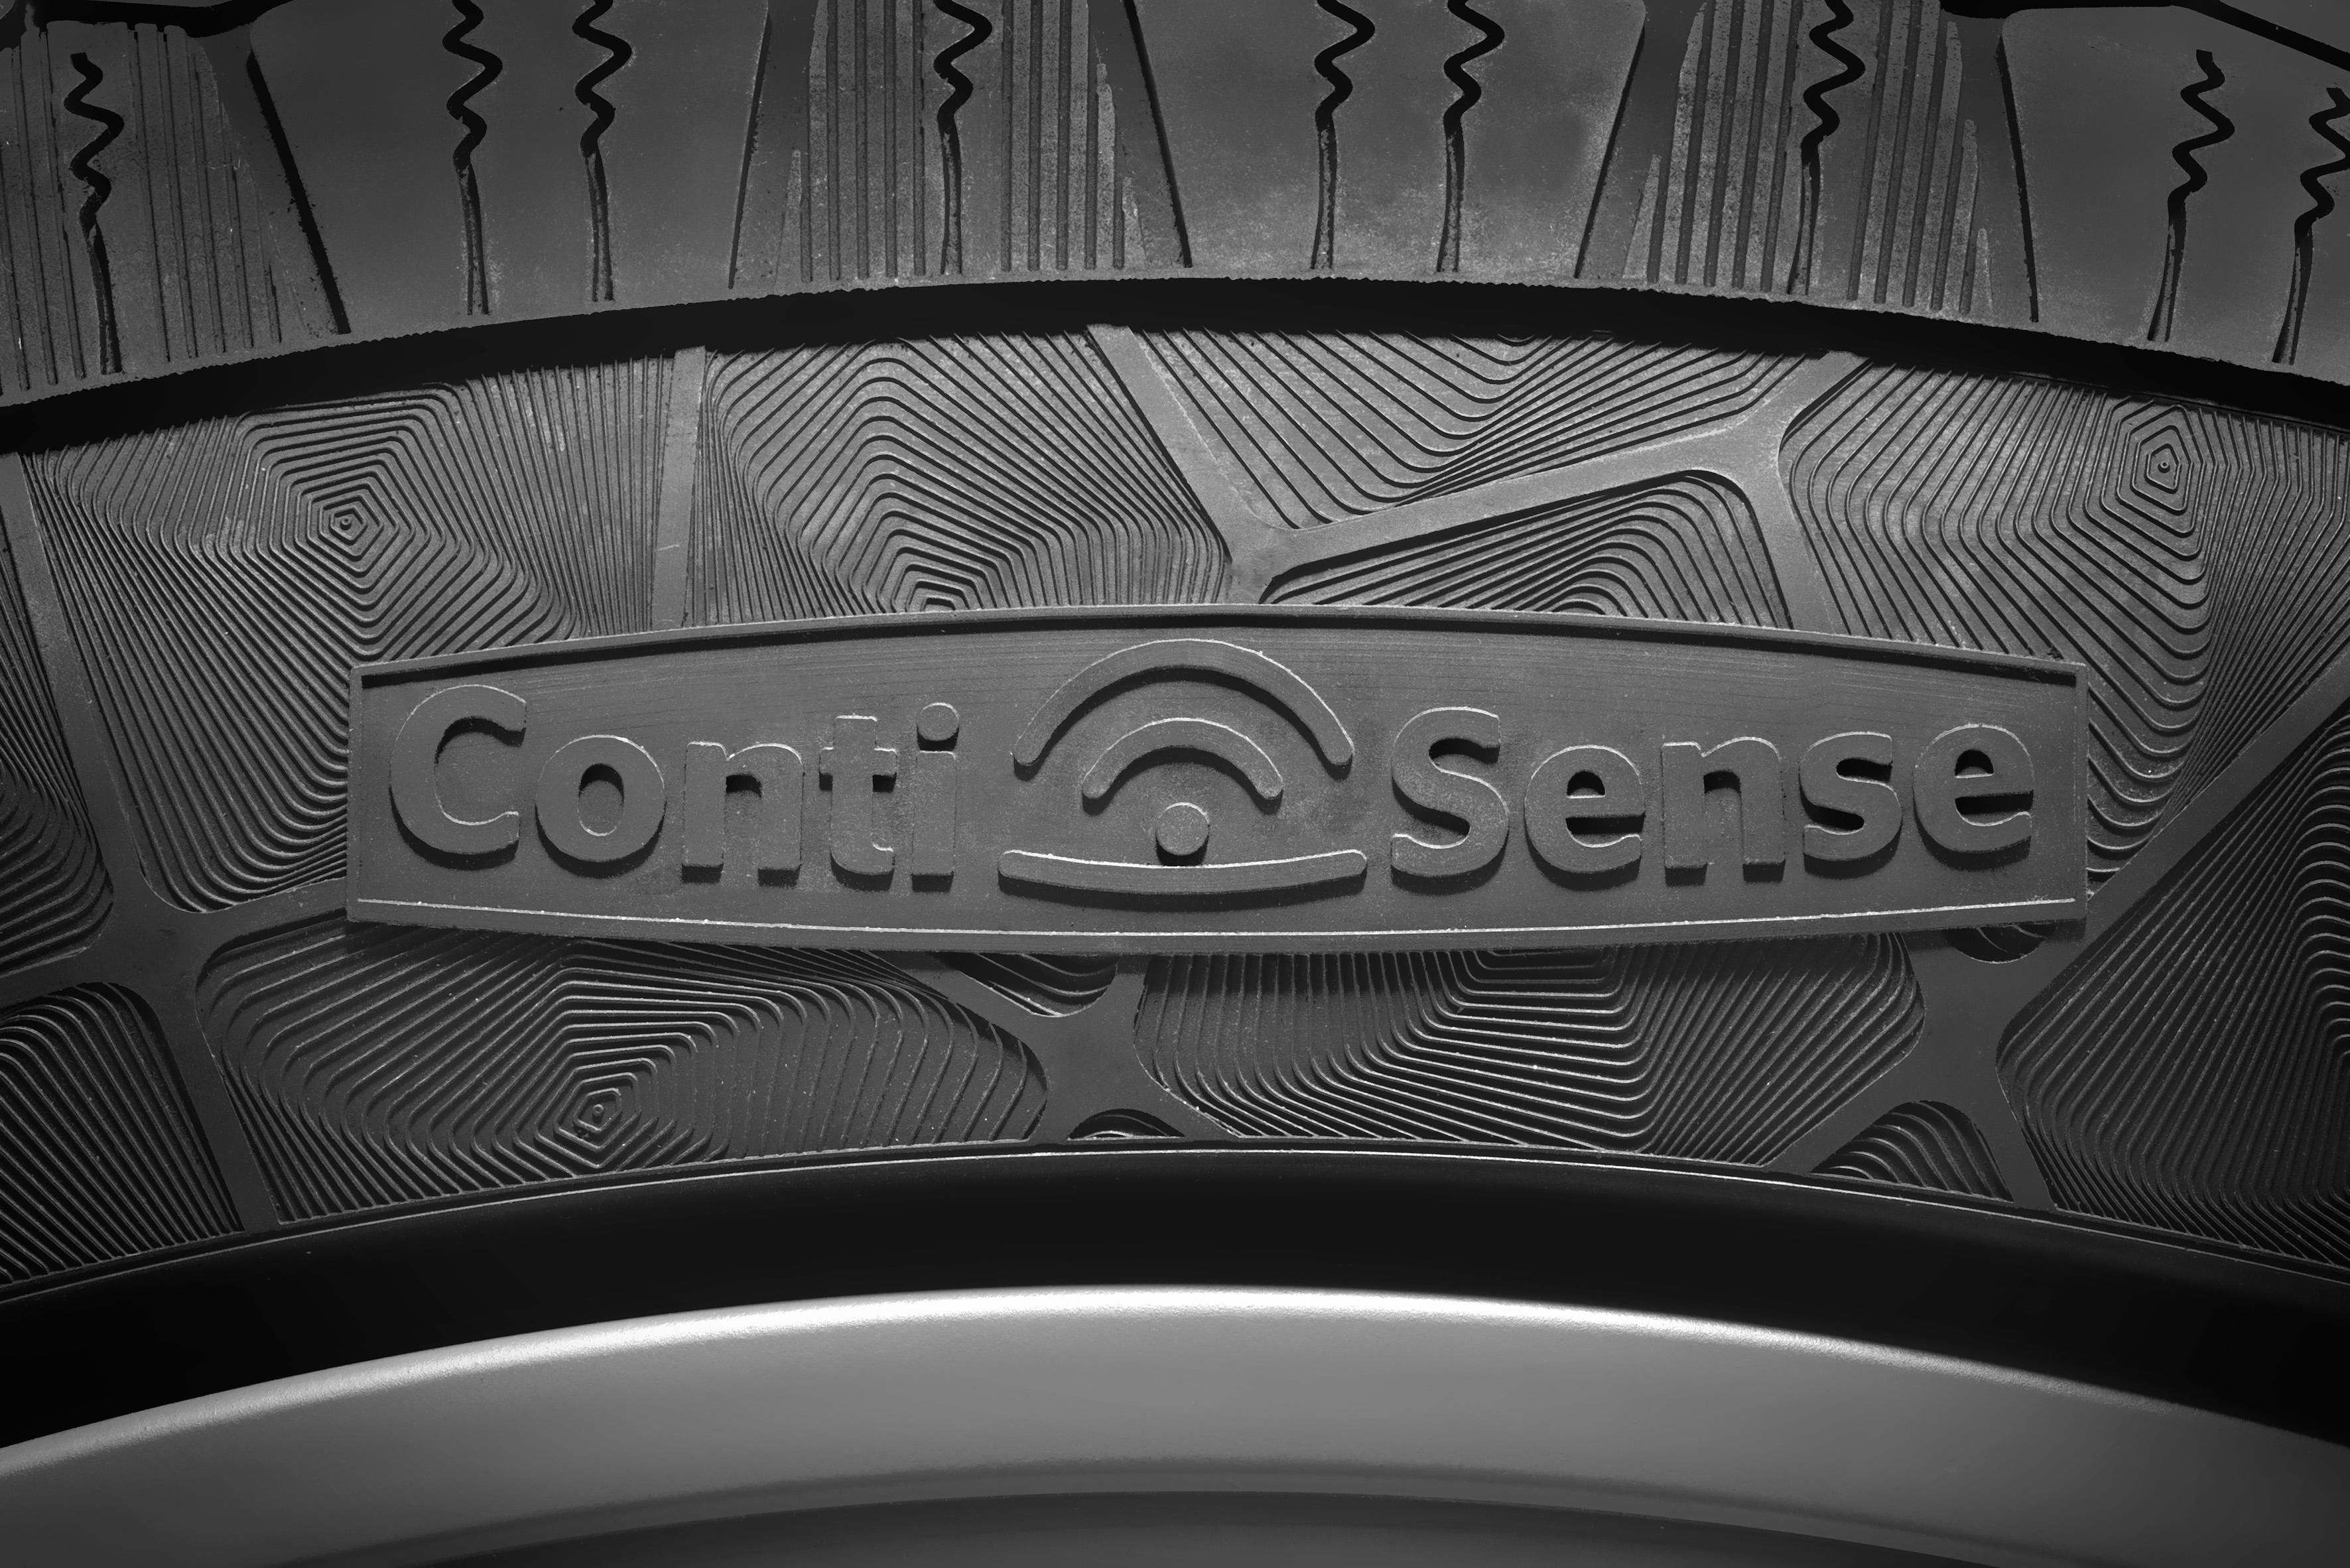 Continental представляет две новые концептуальные шинные технологии, призванные повысить уровень безопасности и комфорта